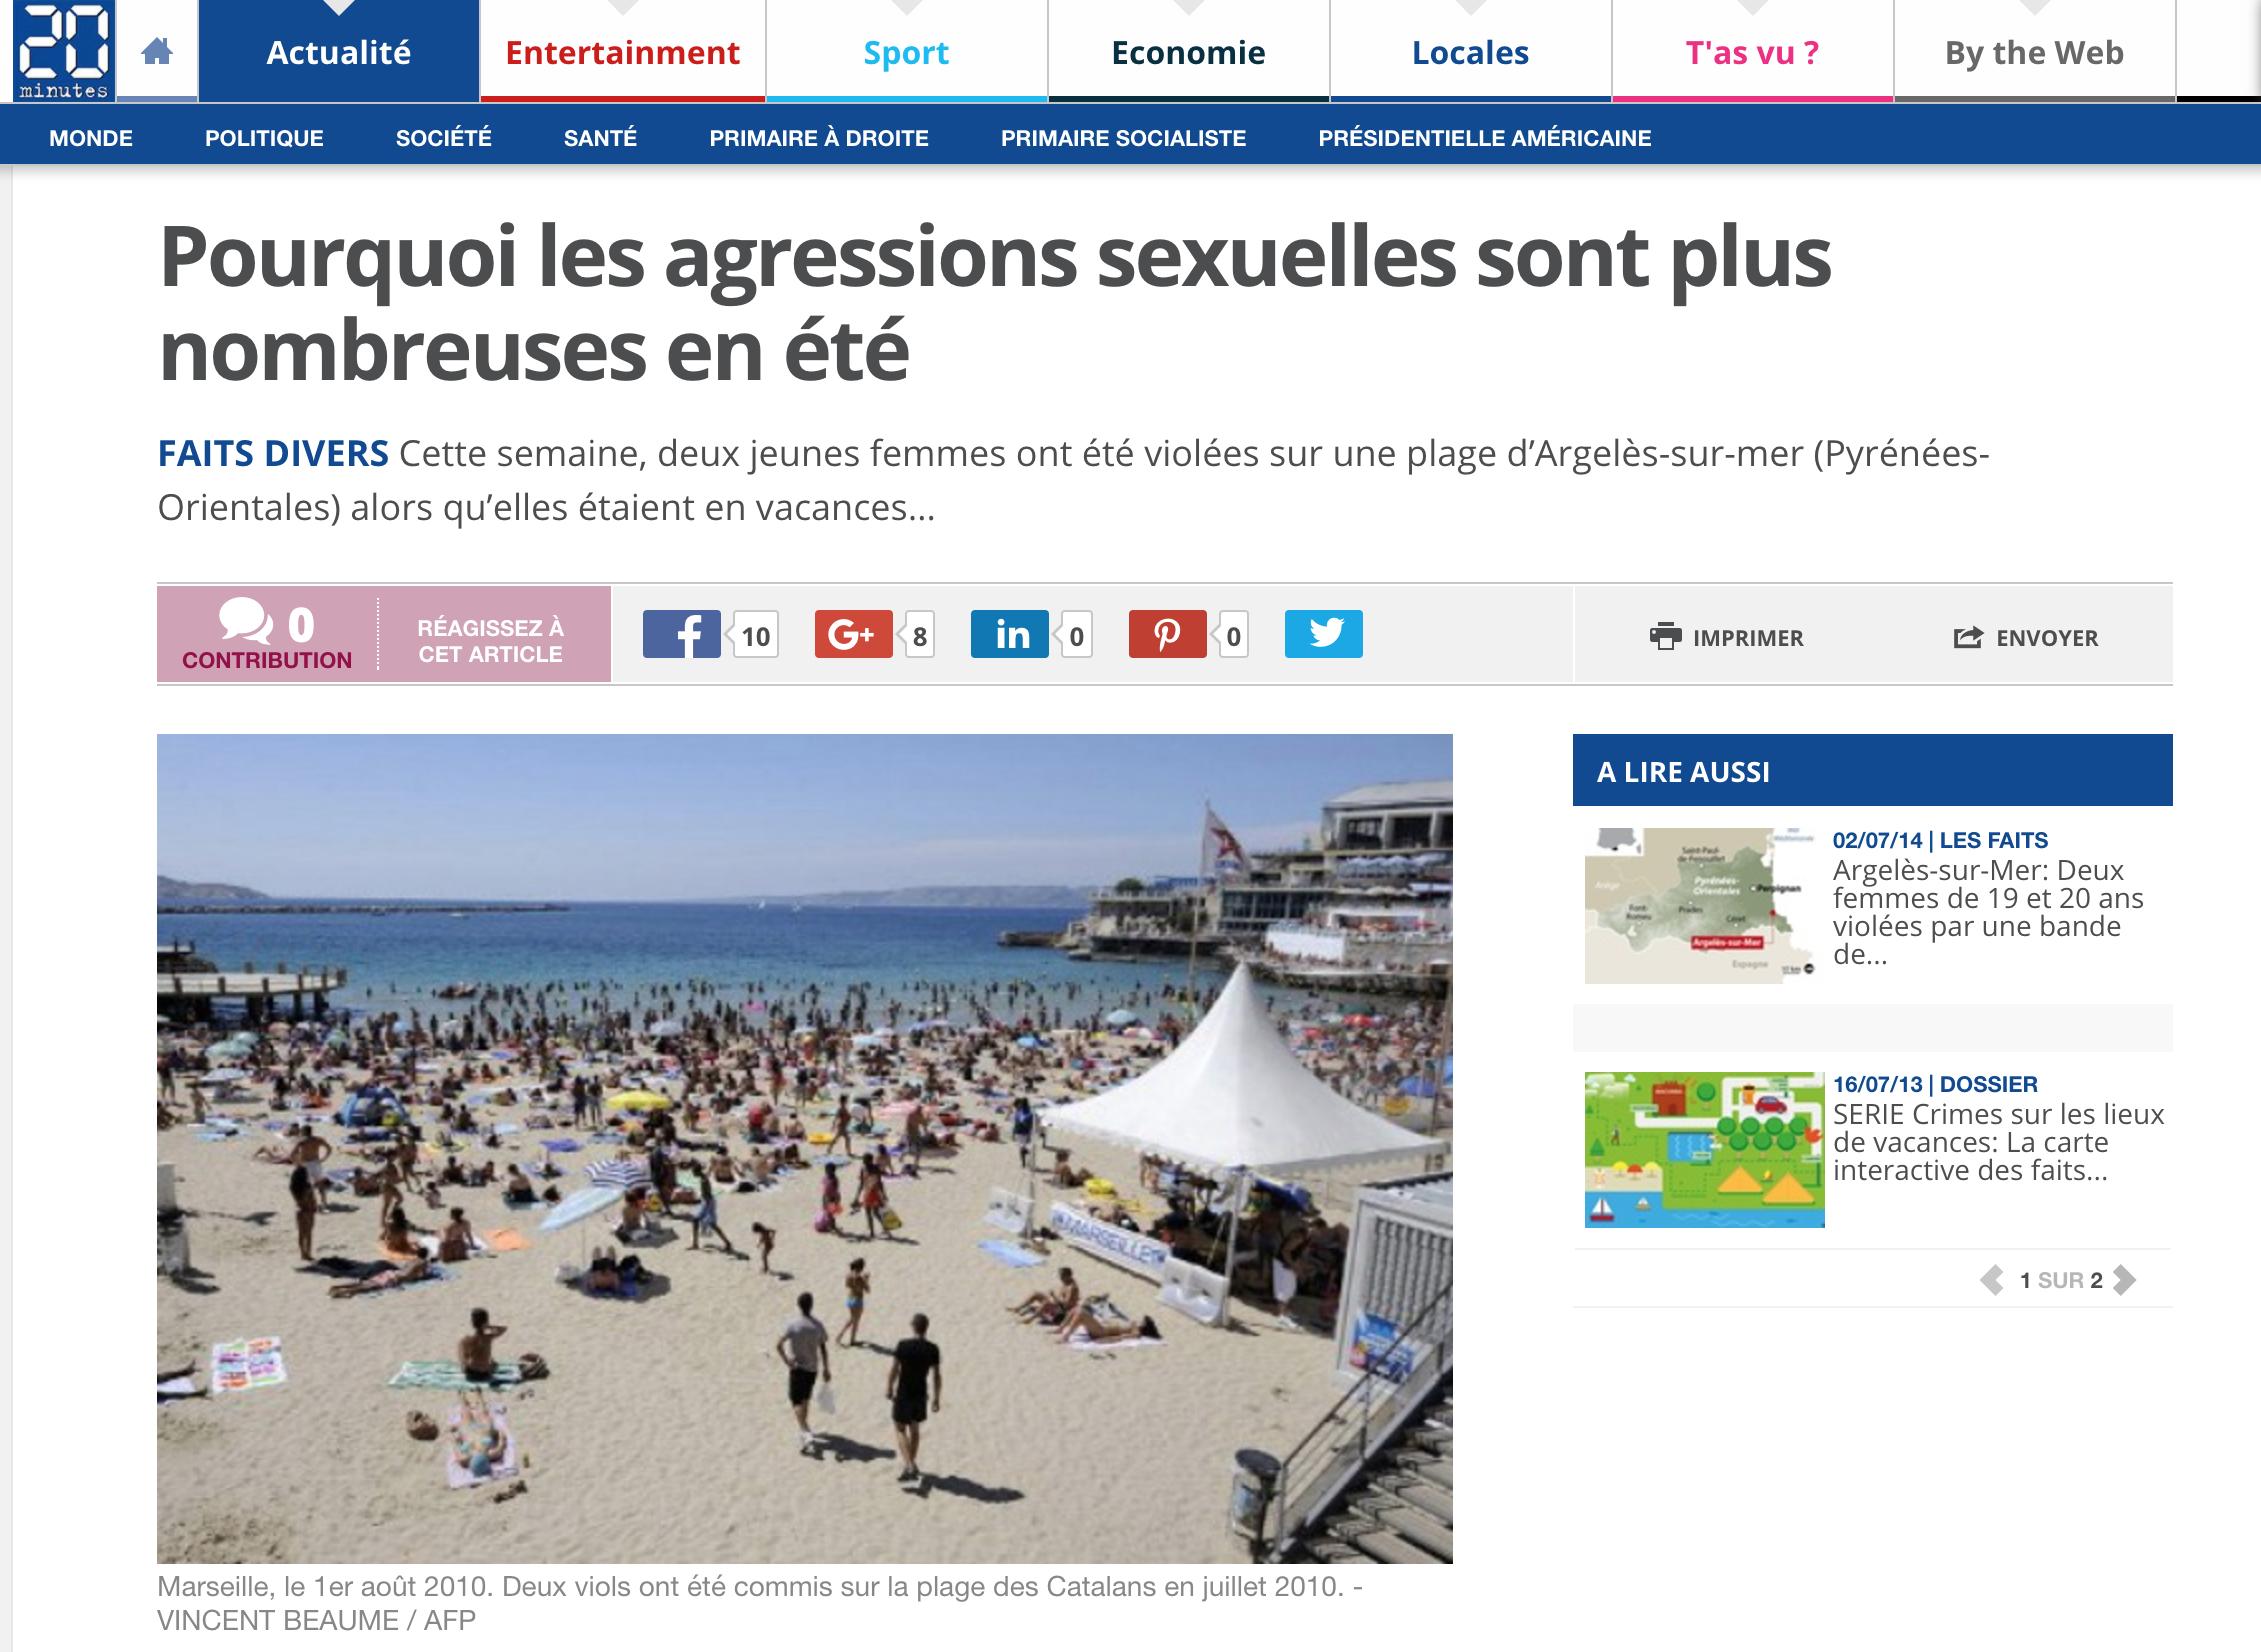 http://www.20minutes.fr/societe/1414815-20140704-pourquoi-agressions-sexuelles-plus-nombreuses